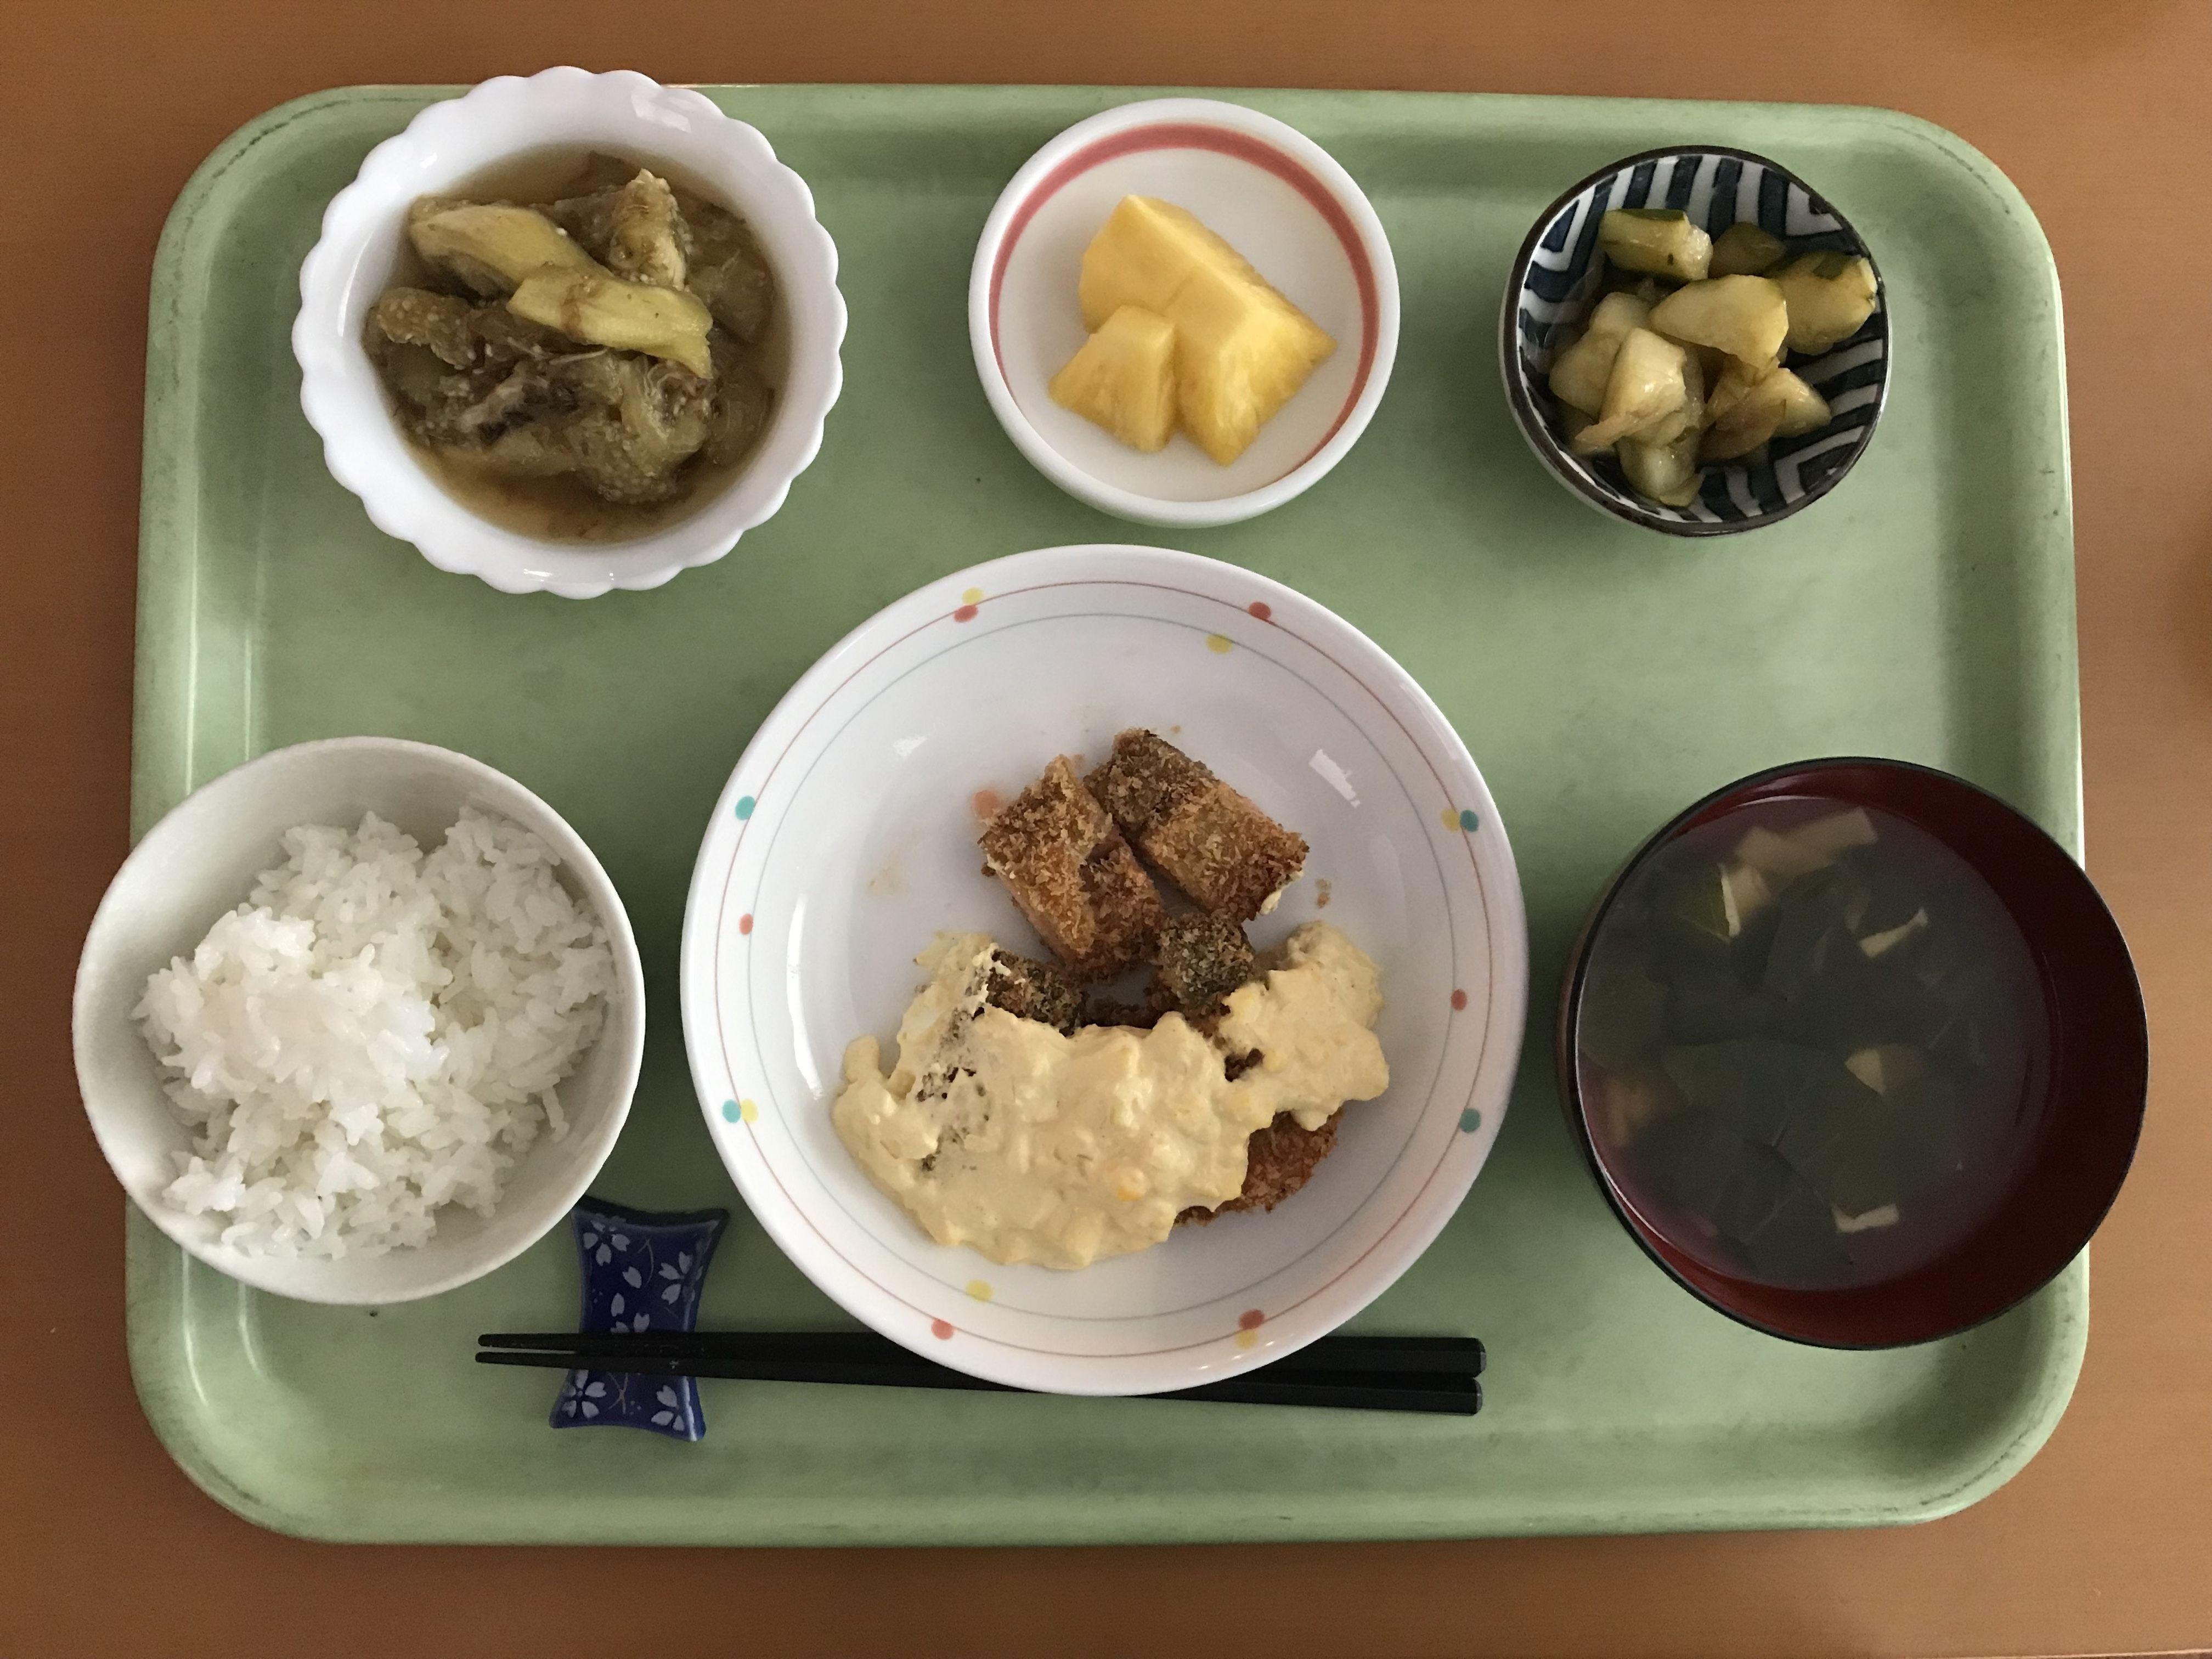 鮭のフライタルタルソース、茄子のおかか煮、たたき胡瓜、小松菜のスープ、パイナップルでした!鮭のフライタルタルソースが特に美味しかったです!605カロリーです